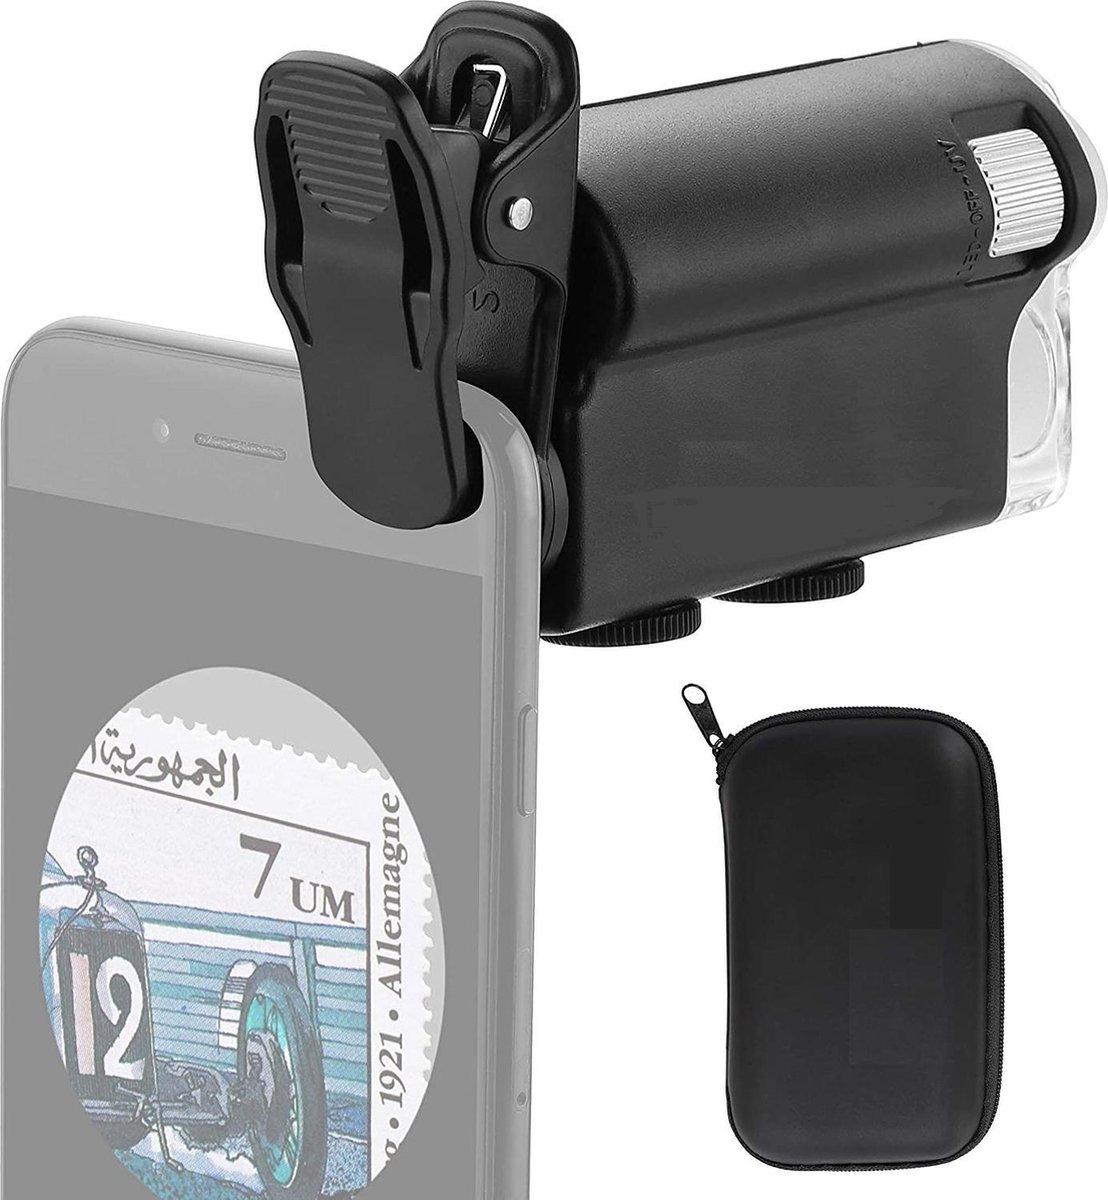 DrPhone DM1 Smartphone Zoom Clip-on Digitale Microscoop - Vergrootglas 60X-100X Met LED & UV Licht Voor Munten Postzegels Bankbiljet Antiek etc - Zwart